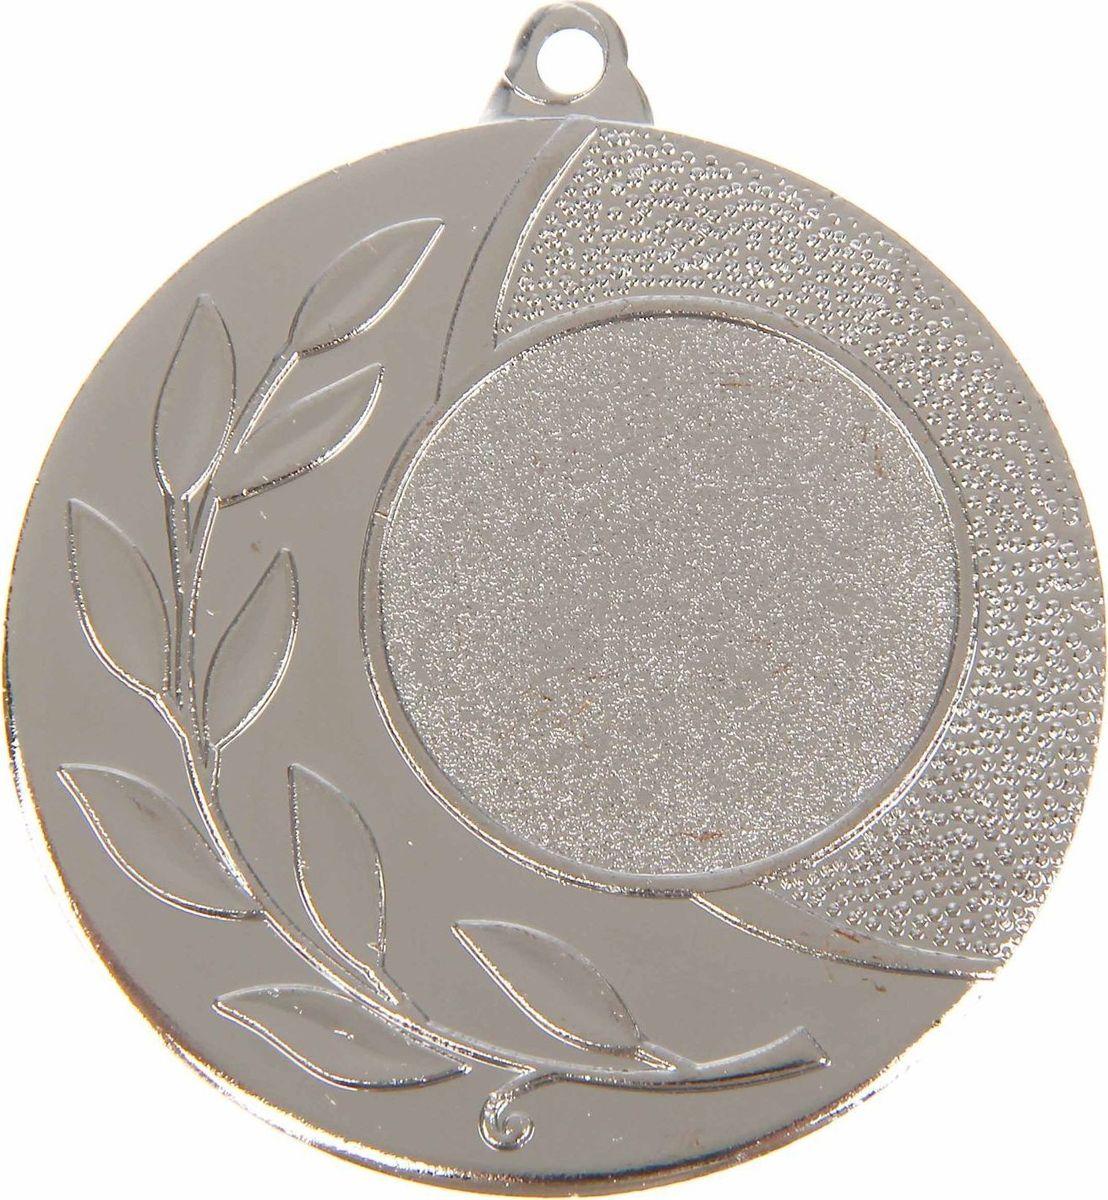 Медаль сувенирная с местом для гравировки, цвет: серебристый, диаметр 4,5 см. 0281108707Медаль — знак отличия, которым награждают самых достойных. Она вручается лишь тем, кто проявил настойчивость и волю к победе. Каждое достижение — это важное событие, которое должно остаться в памяти на долгие годы. Любое спортивное состязание, профессиональное или среди любителей, любое корпоративное мероприятие — отличный повод для того, чтобы отметить лучших из лучших. Характеристики:Диаметр медали: 4,5 см Диаметр вкладыша (лицо): 2,5 см Диаметр вкладыша (оборот): 4 см. Пусть любая победа будет отмечена соответствующей наградой!